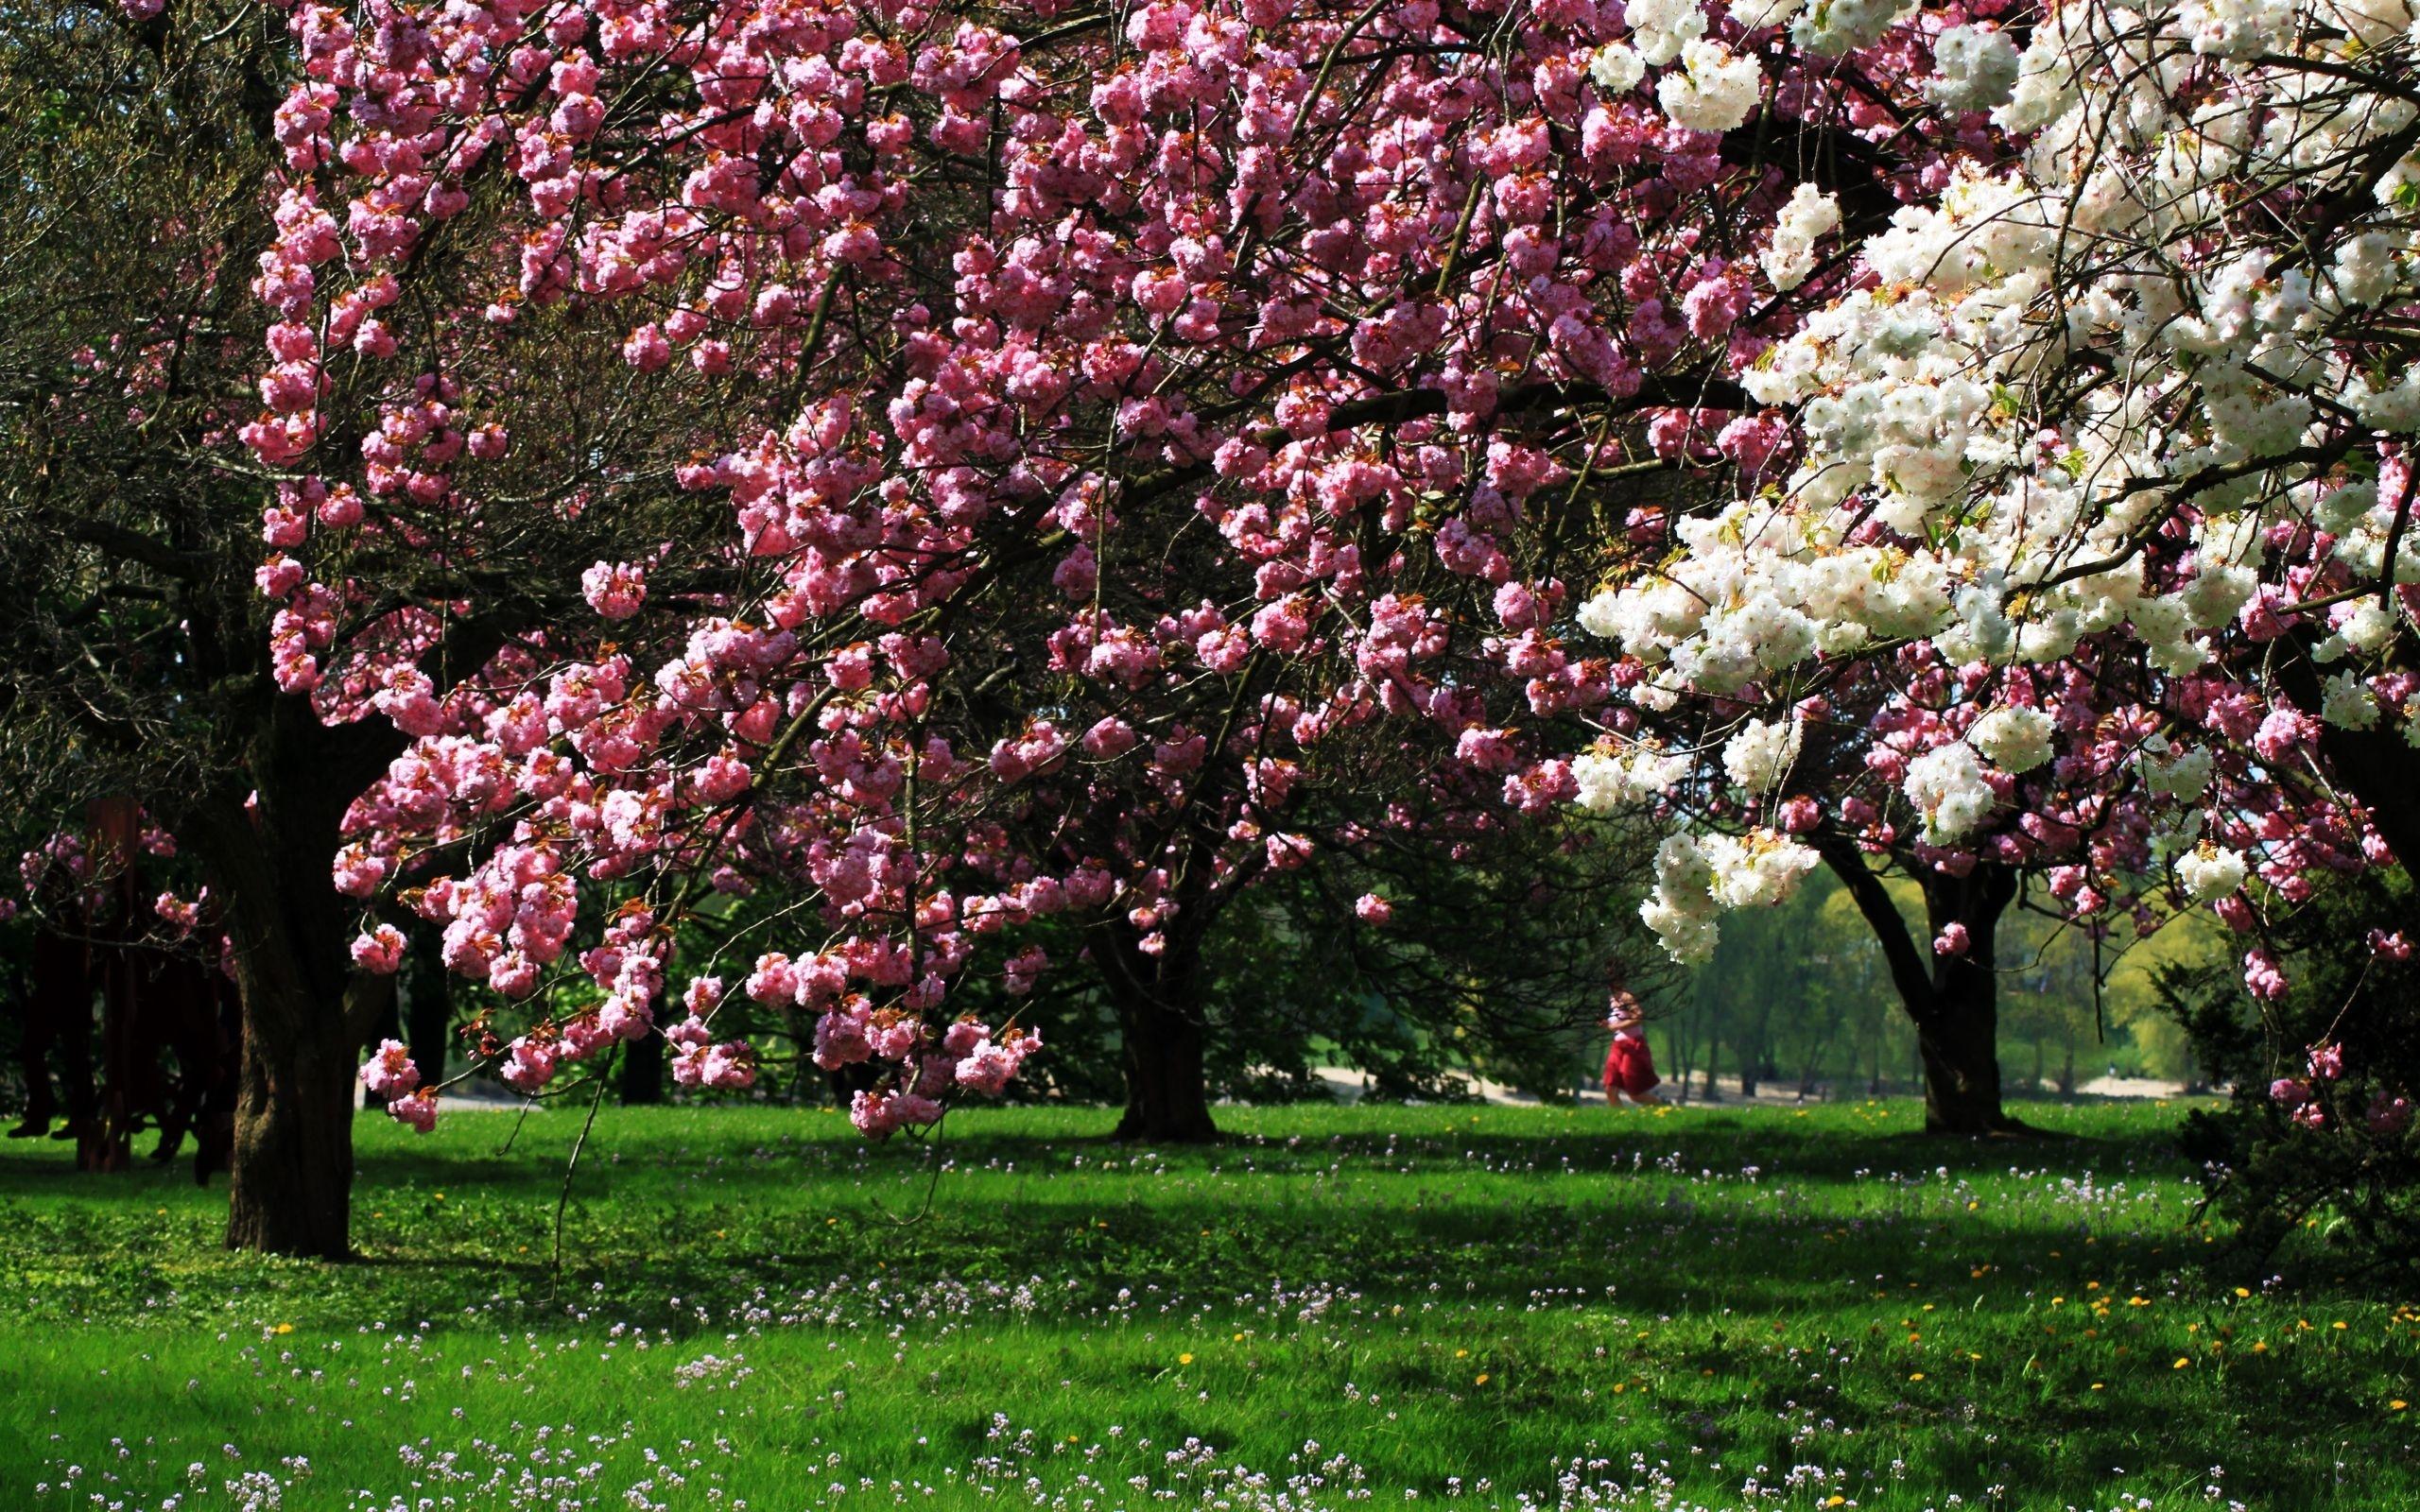 Sfondi primavera hd alberi fioriti sfondi hd gratis for Immagini gratis per desktop primavera